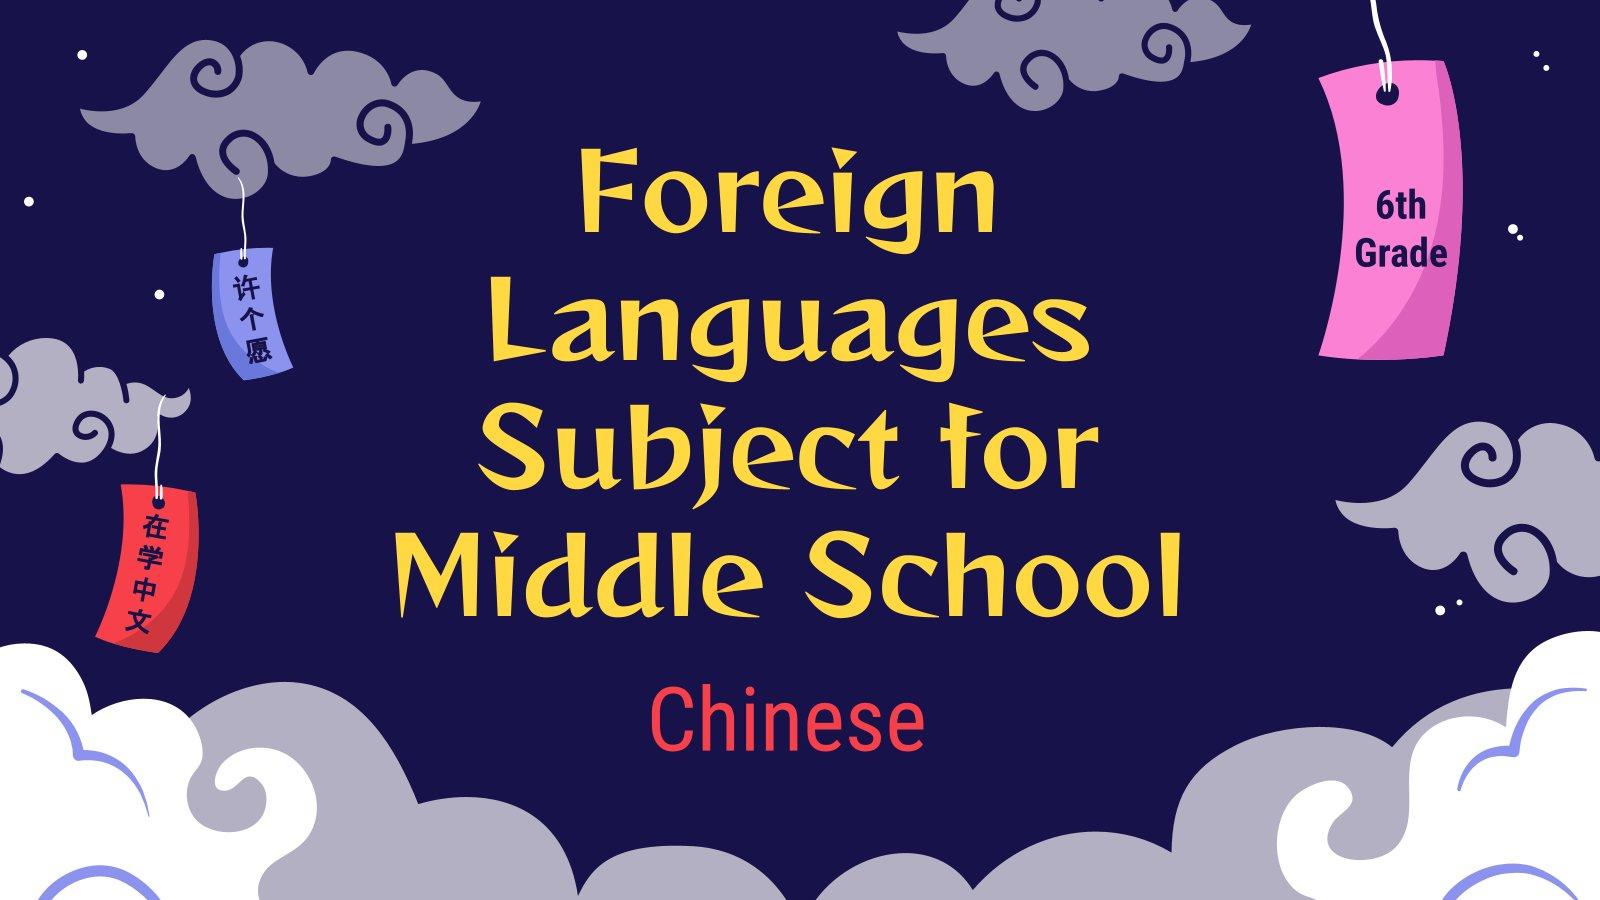 Fremdsprachen für die 6. Klasse: Chinesisch Präsentationsvorlage